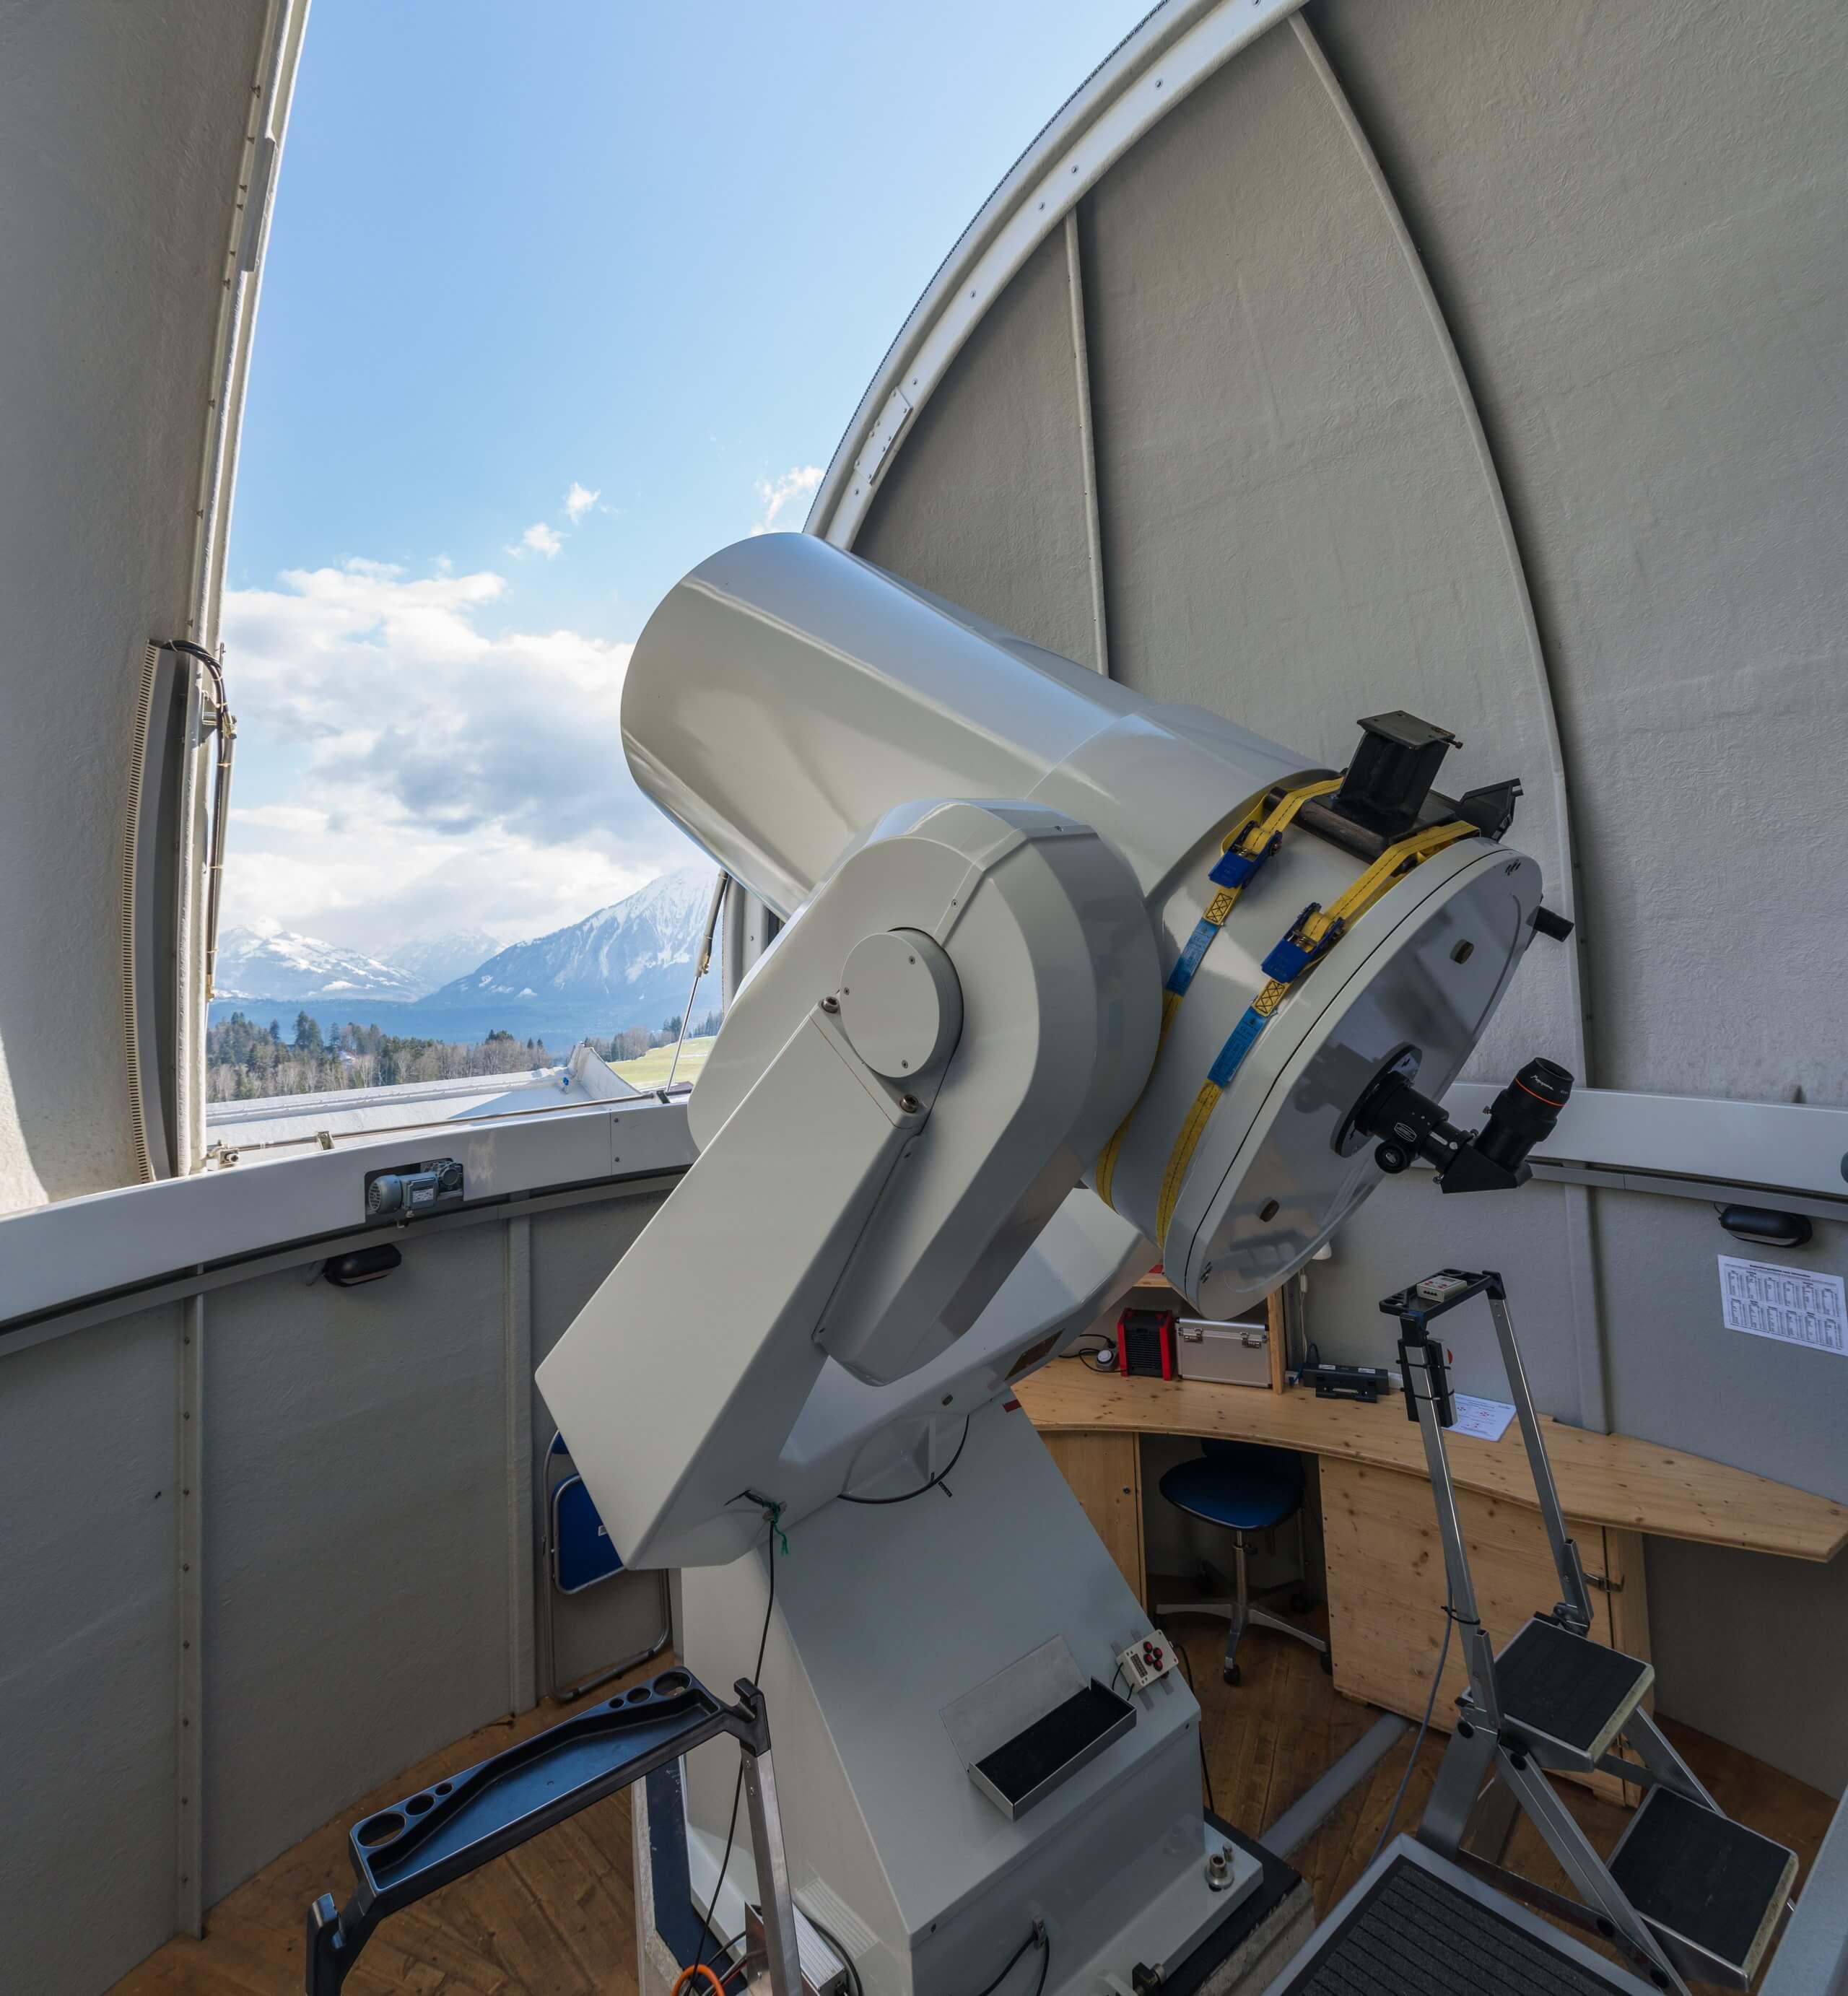 sigriswil-schwanden-sternwarte-sirius-teleskop-tag